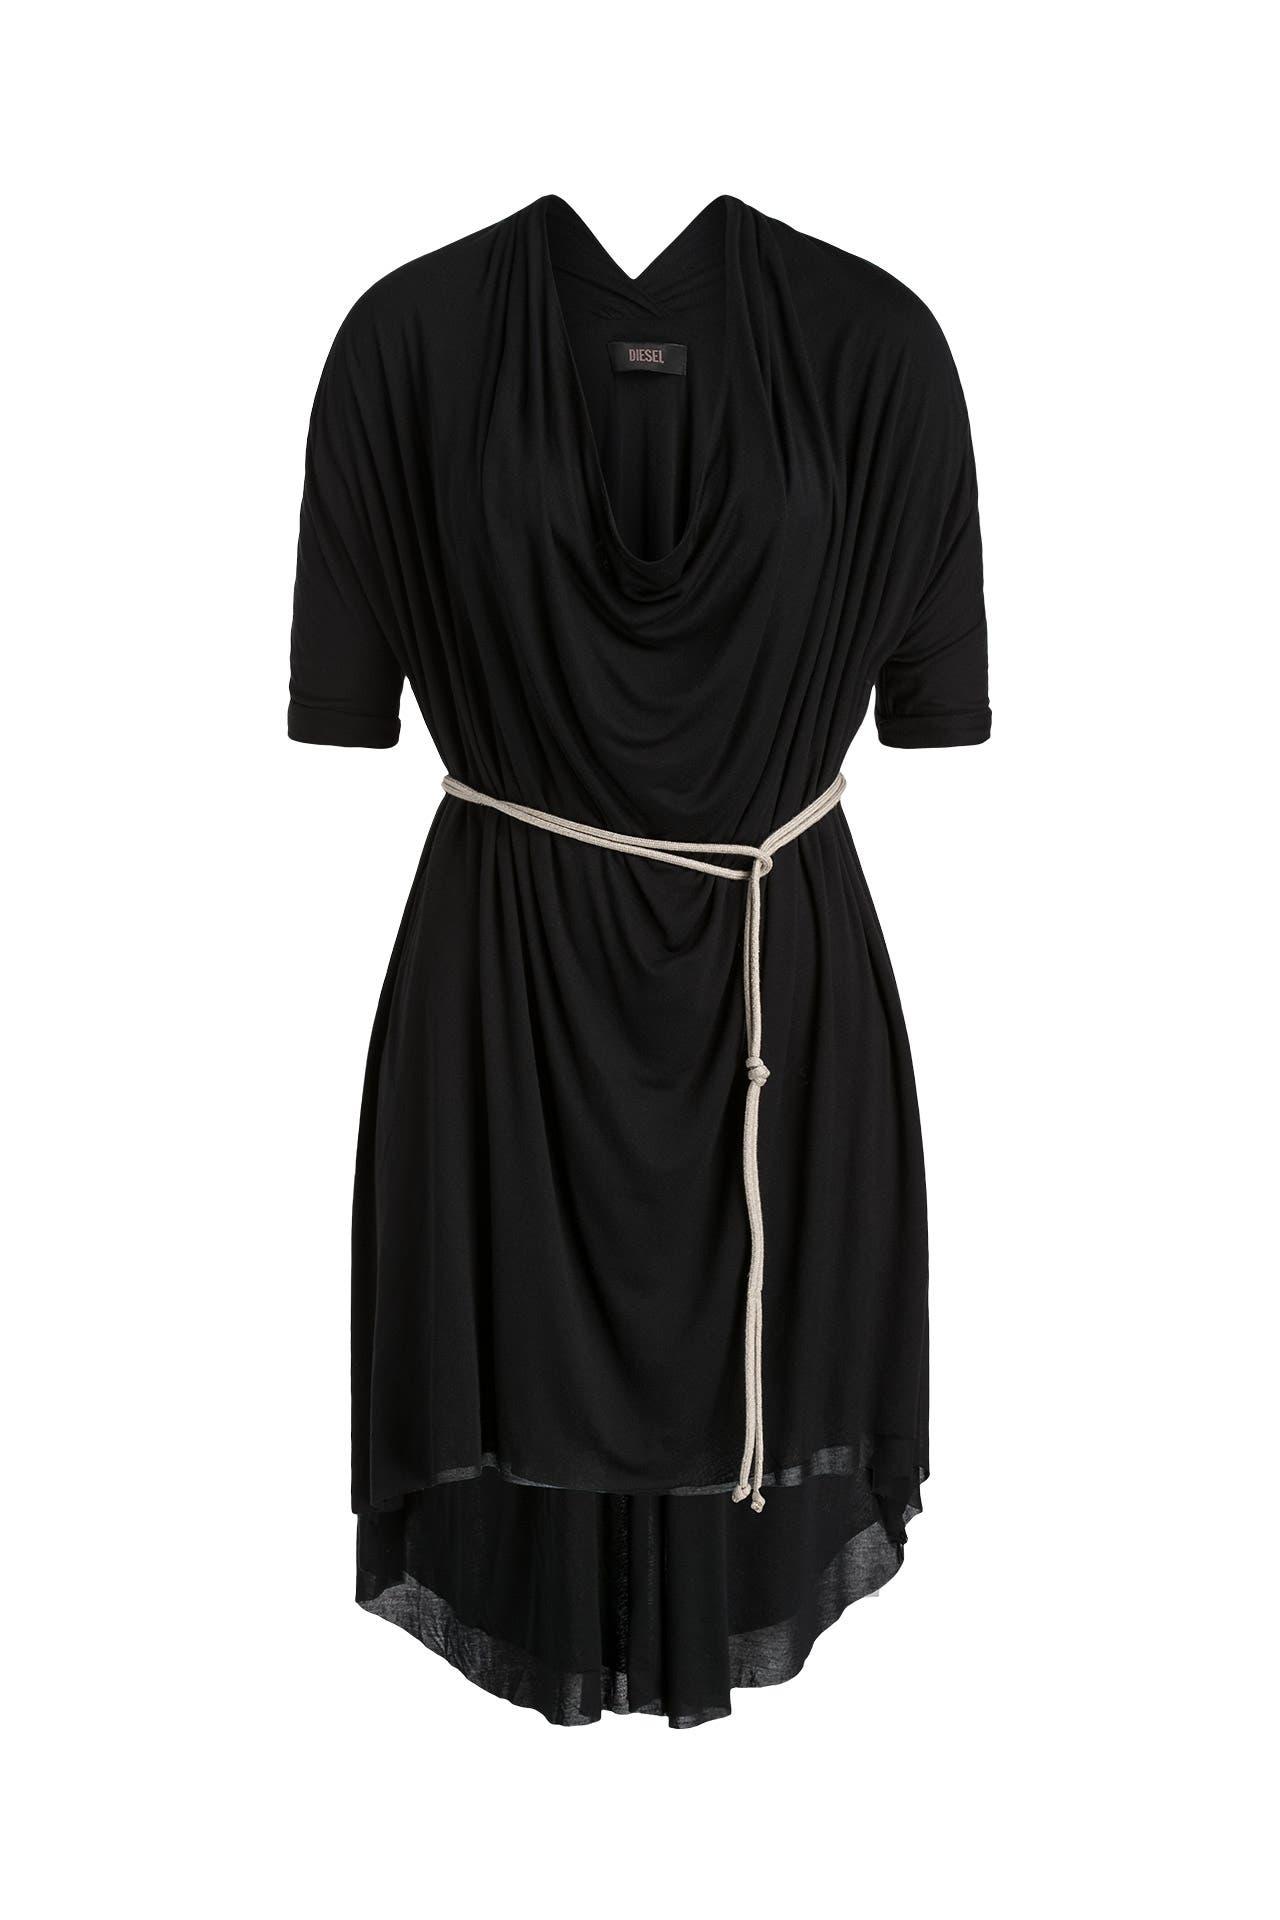 Kleid 'Elle' schwarz - DIESEL » günstig online kaufen ...